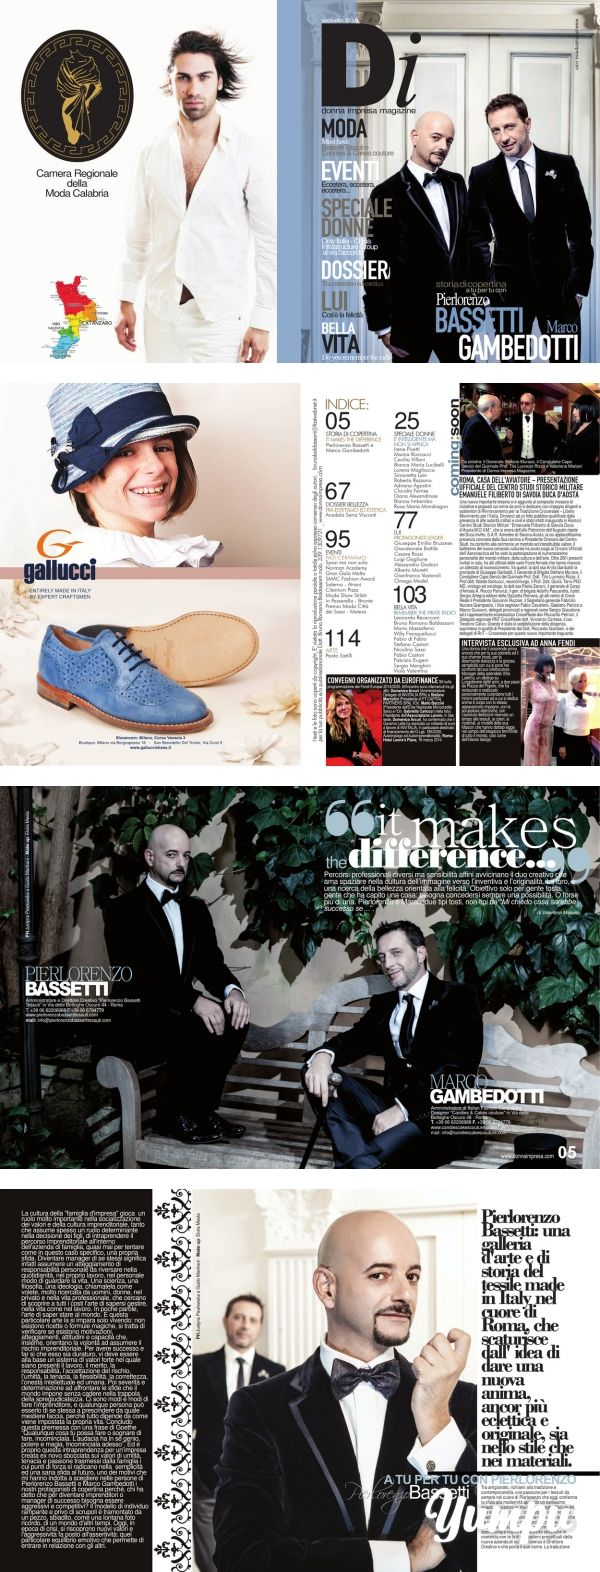 """http://www.donnaimpresa.com DONNA IMPRESA MAGAZINE 2013/2014 cover Pierlorenzo Bassetti e Marco Gambedotti - Magazine with 58 pages: """"IT MAKES THE DIFFERENCE"""" Percorsi professionali diversi ma sensibilità affini avvicinano il duo creativo che ama spaziare nella cultura dell'immagine verso l'inventiva e l'originalità. La loro, è una ricerca della bellezza orientata alla felicità. Obiettivo solo per gente tosta, gente che ha capito una cosa: bisogna concedersi sempre una possibilità."""